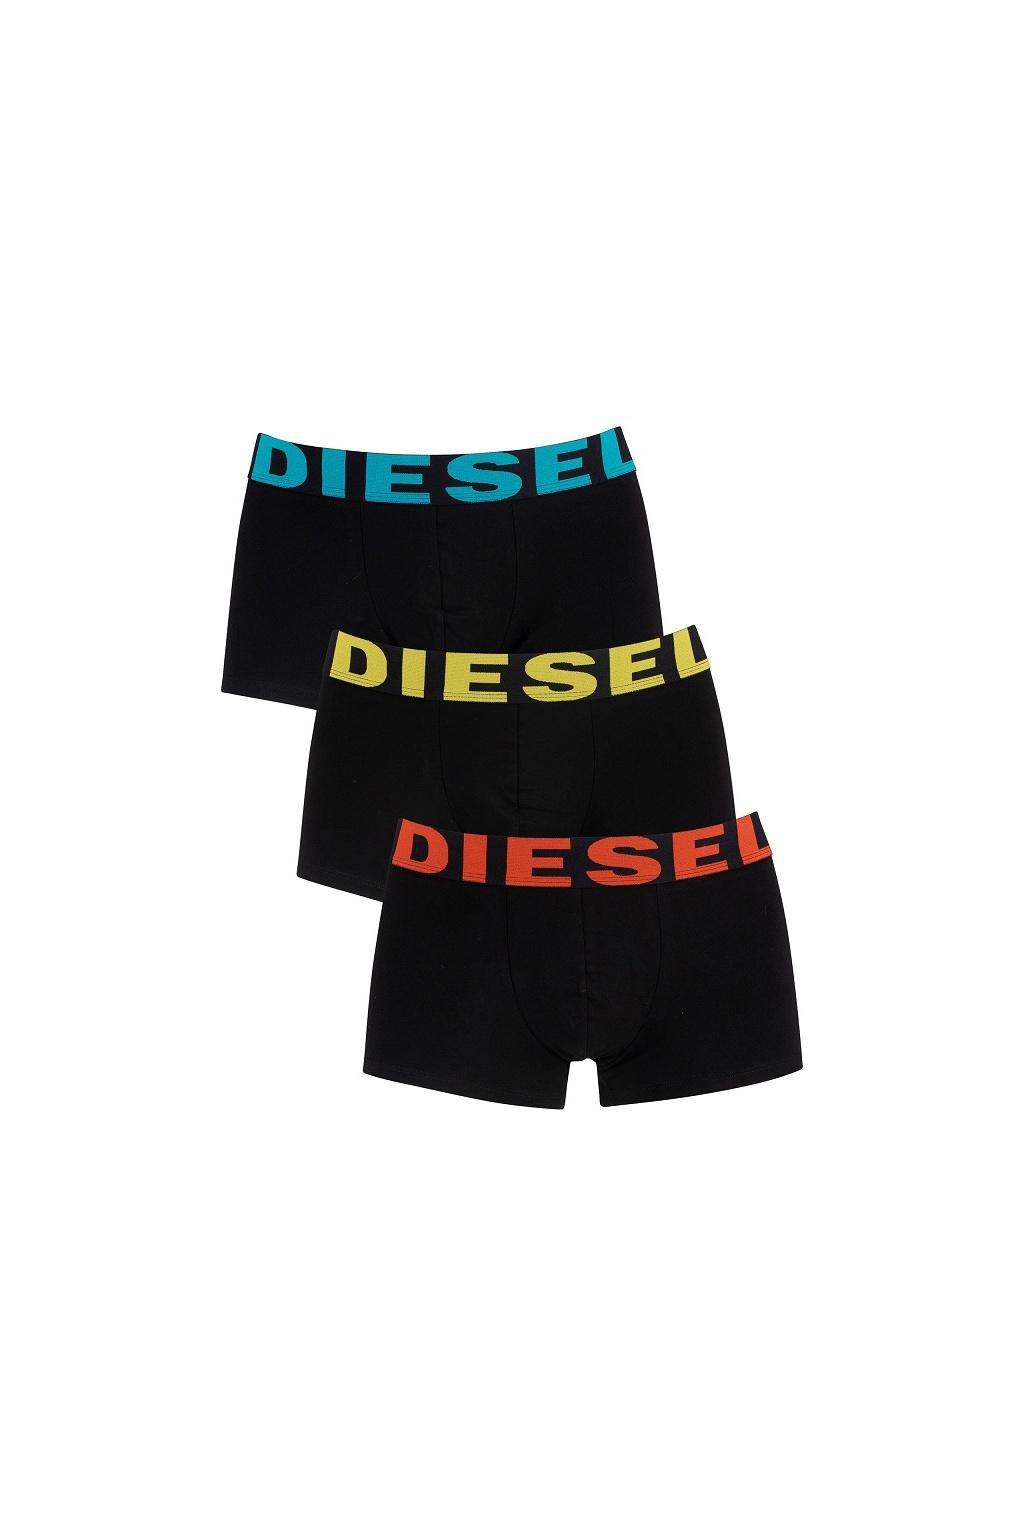 00SAB2 0GAPG Diesel boxerky Umbx Shawn 3Pack černé